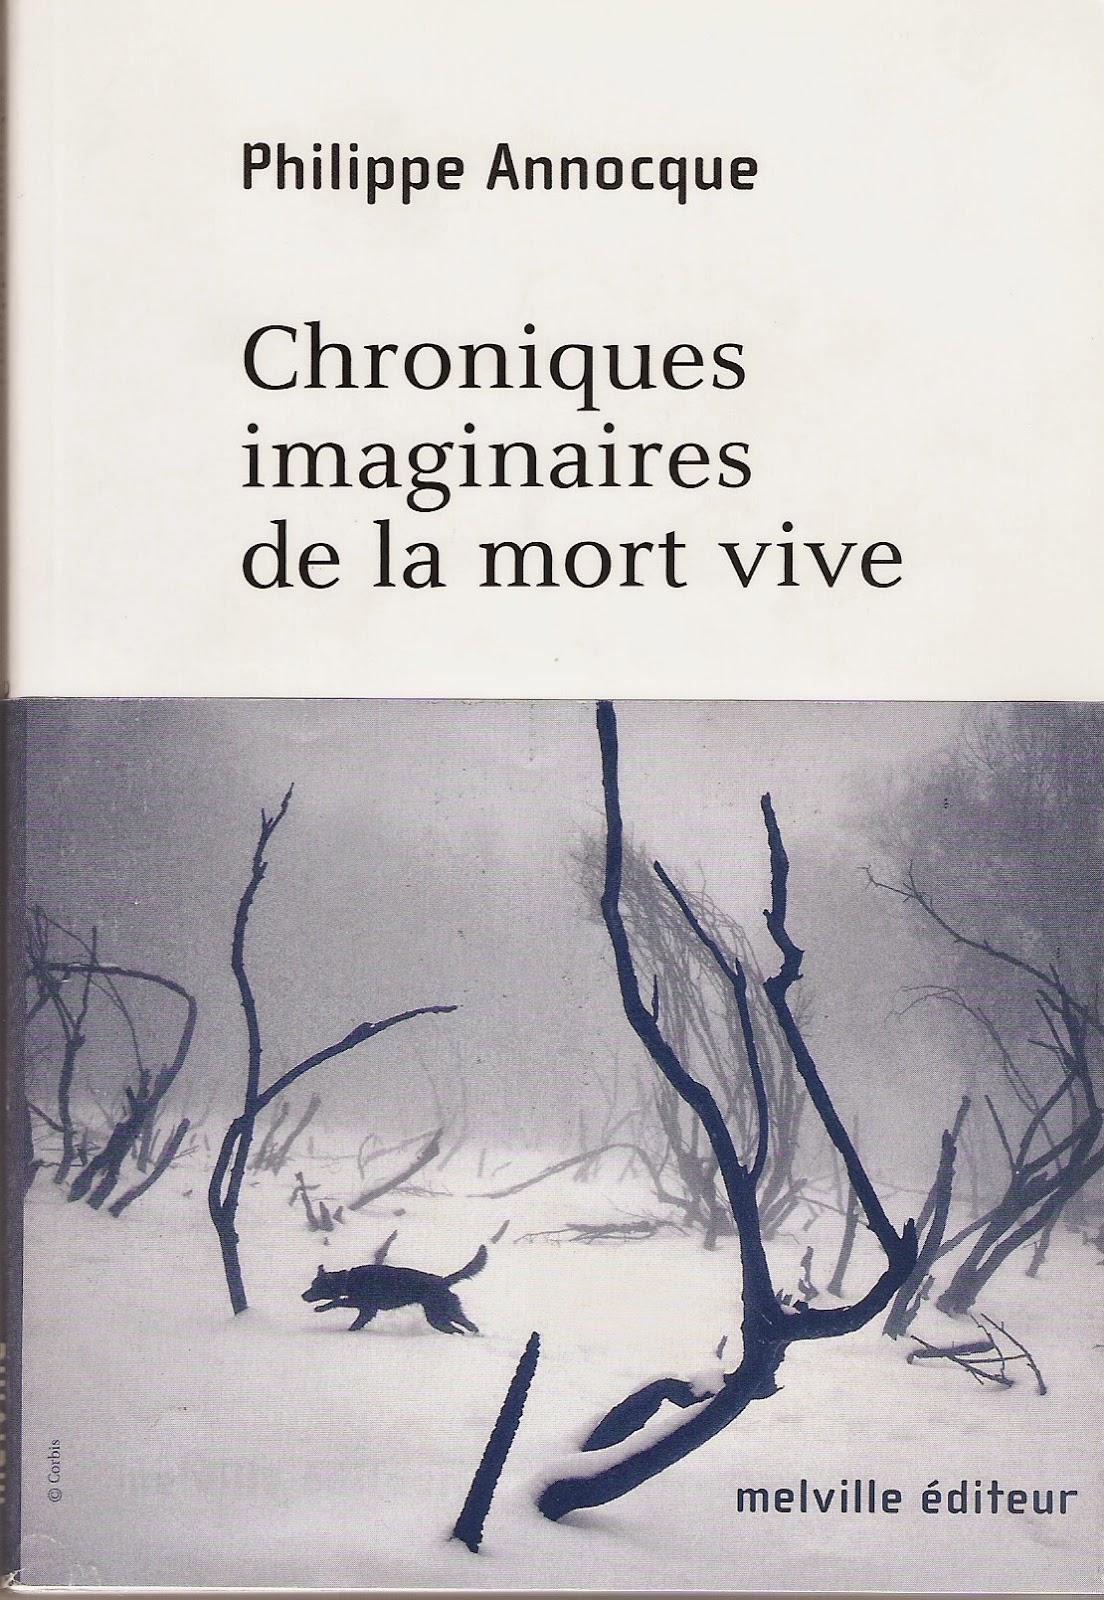 Chroniques imaginaires de la mort vive, Melville éd., 2005.